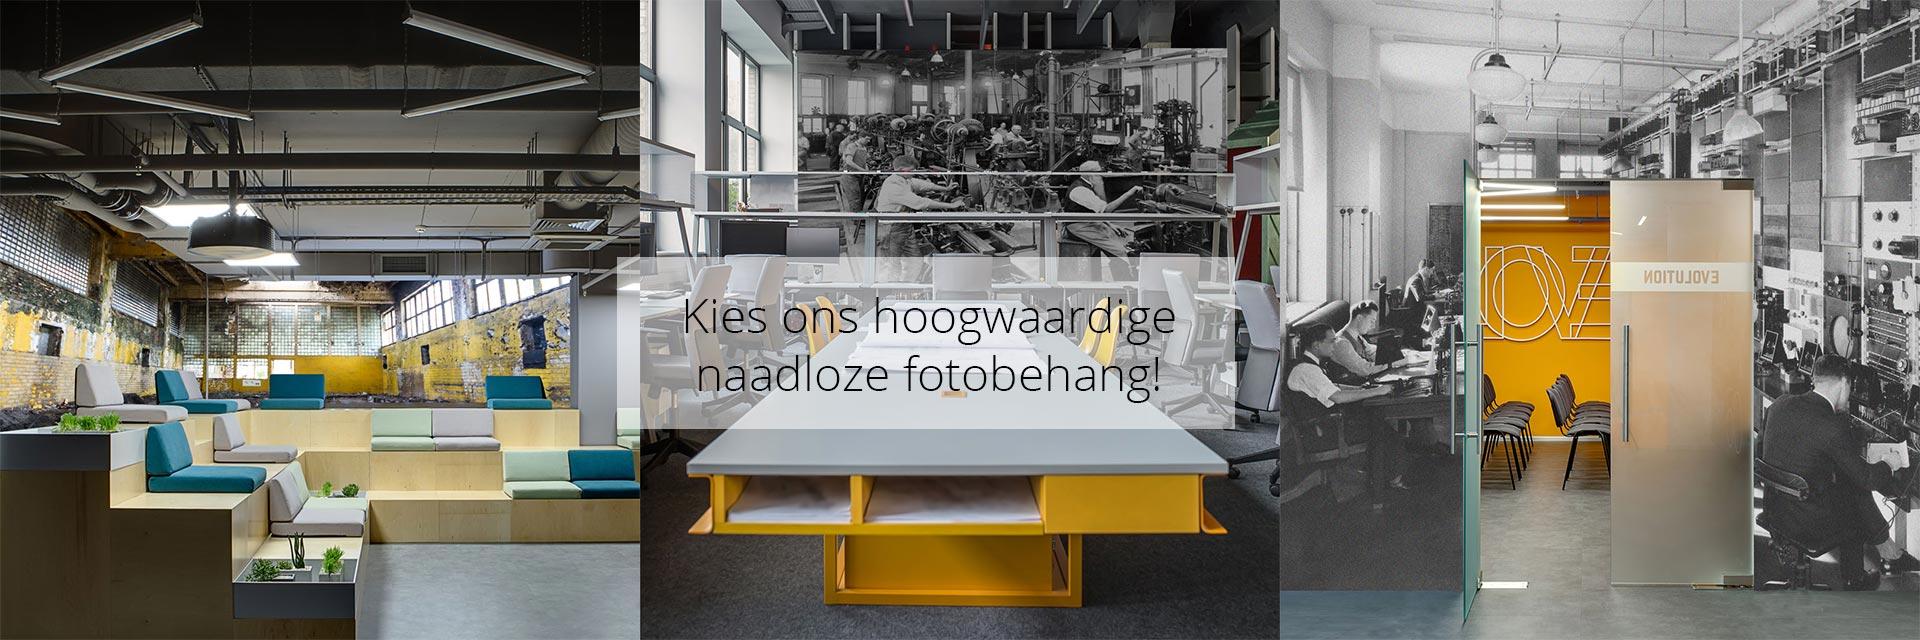 WANDenWOONdeco.nl B2B naadloos fotobehang